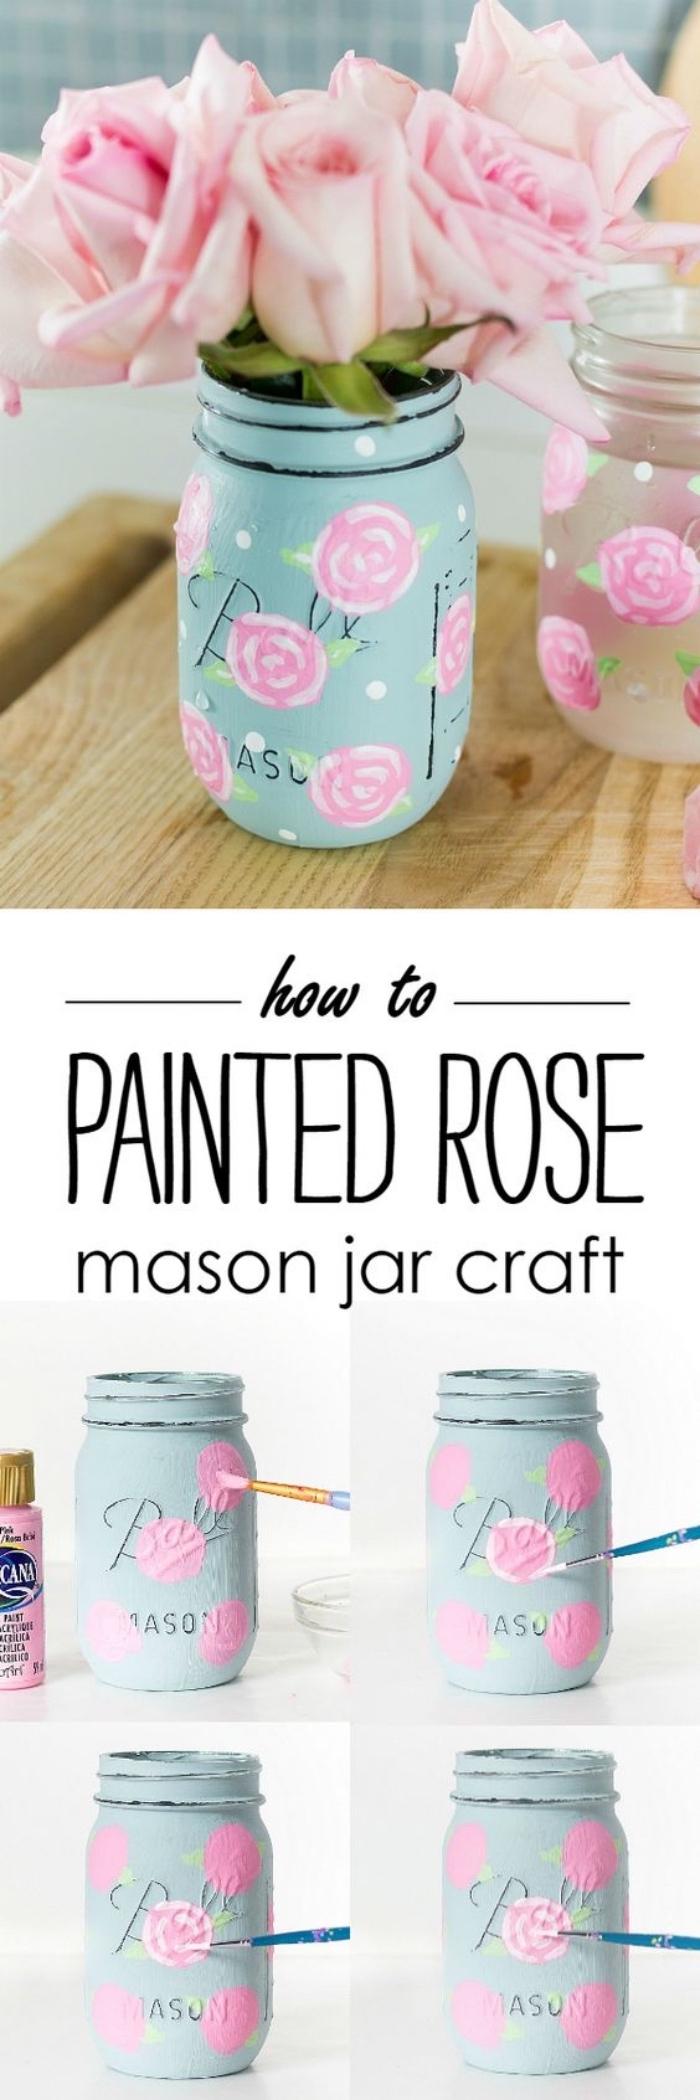 exemple de deco fait maison simple, un pot en verre, repeint de peinture bleu pastel et roses dessinés à la main, bouquet de roses